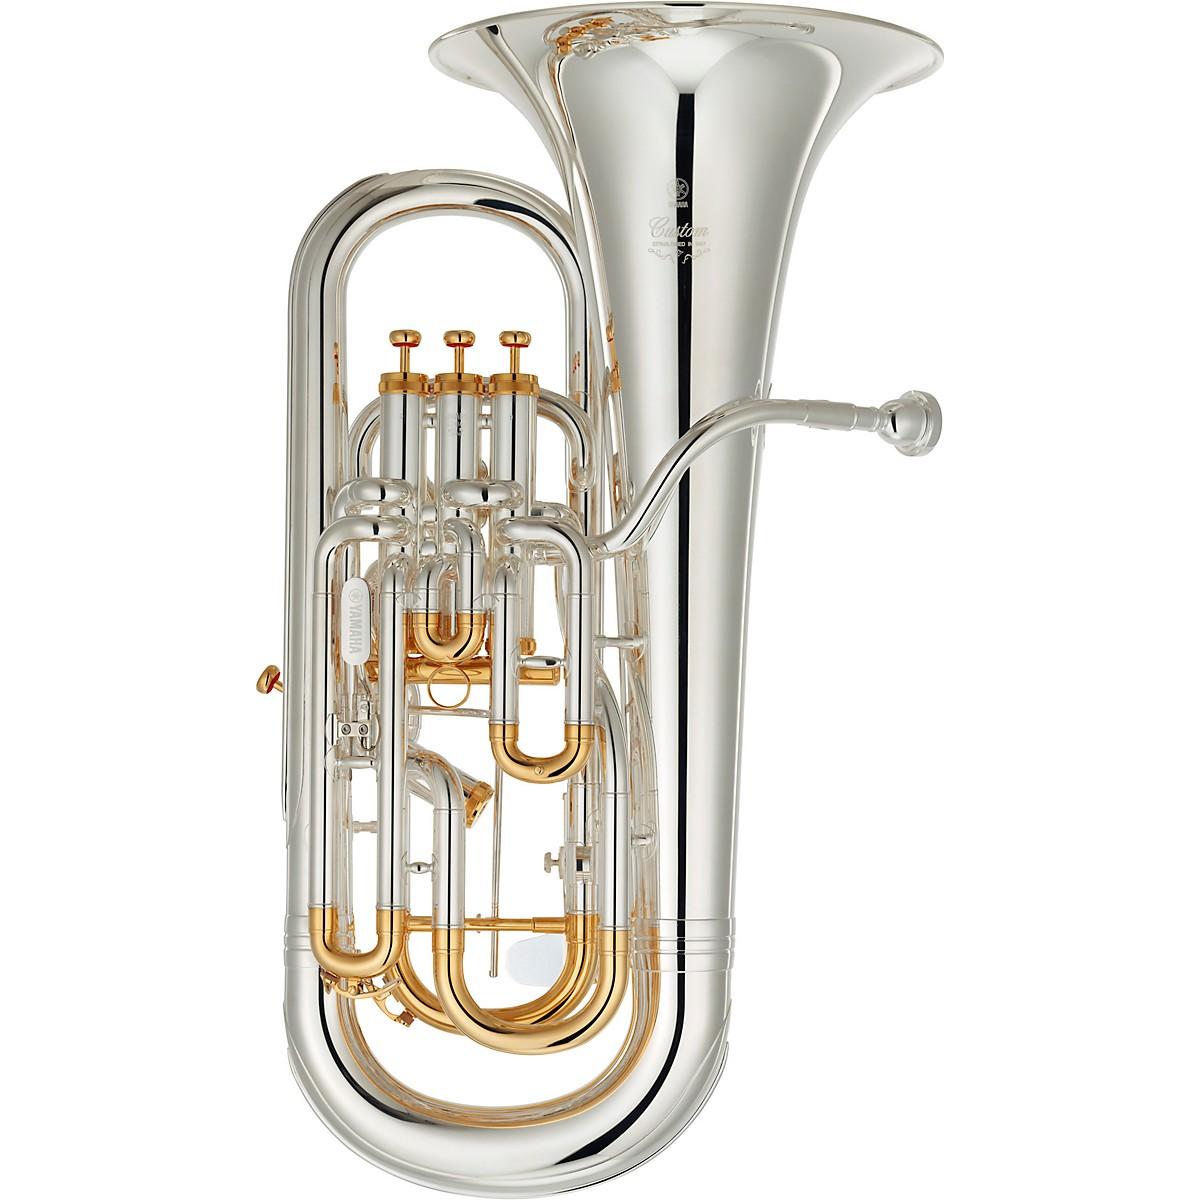 Yamaha YEP-842TS Custom Series Compensating Euphonium